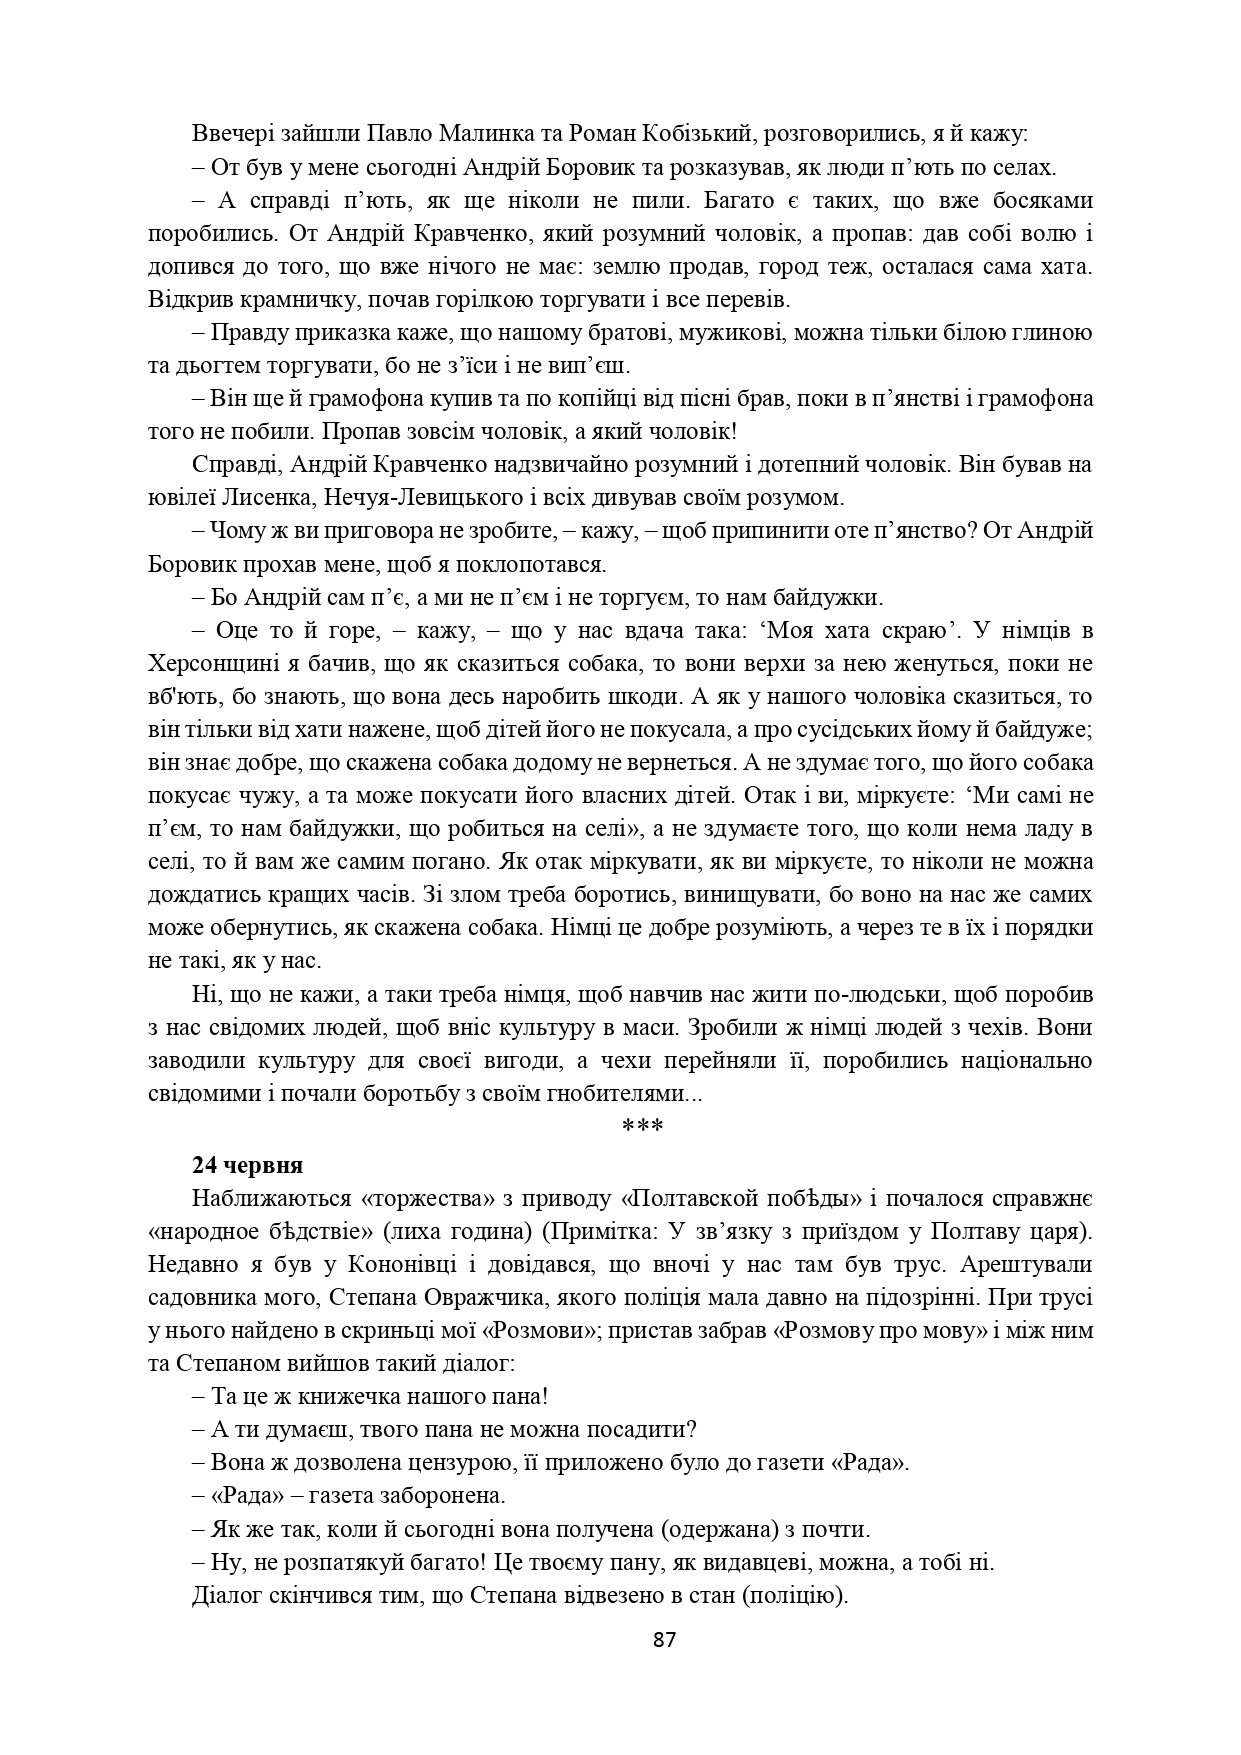 ІСТОРІЯ СЕЛА КОНОНІВКА 2021 (1)_page-0087